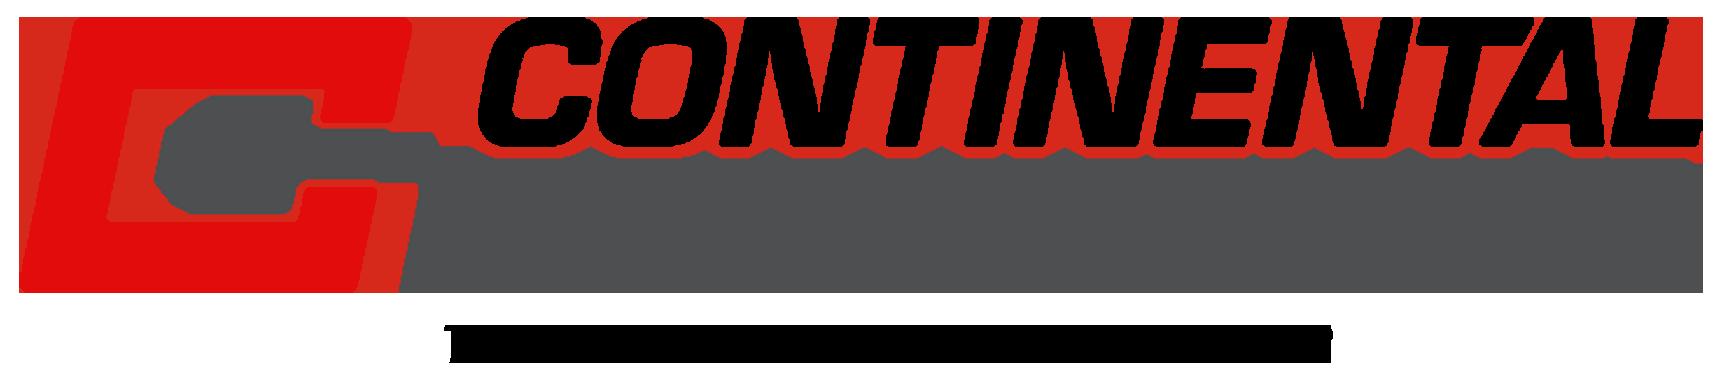 ROB258-62566-08